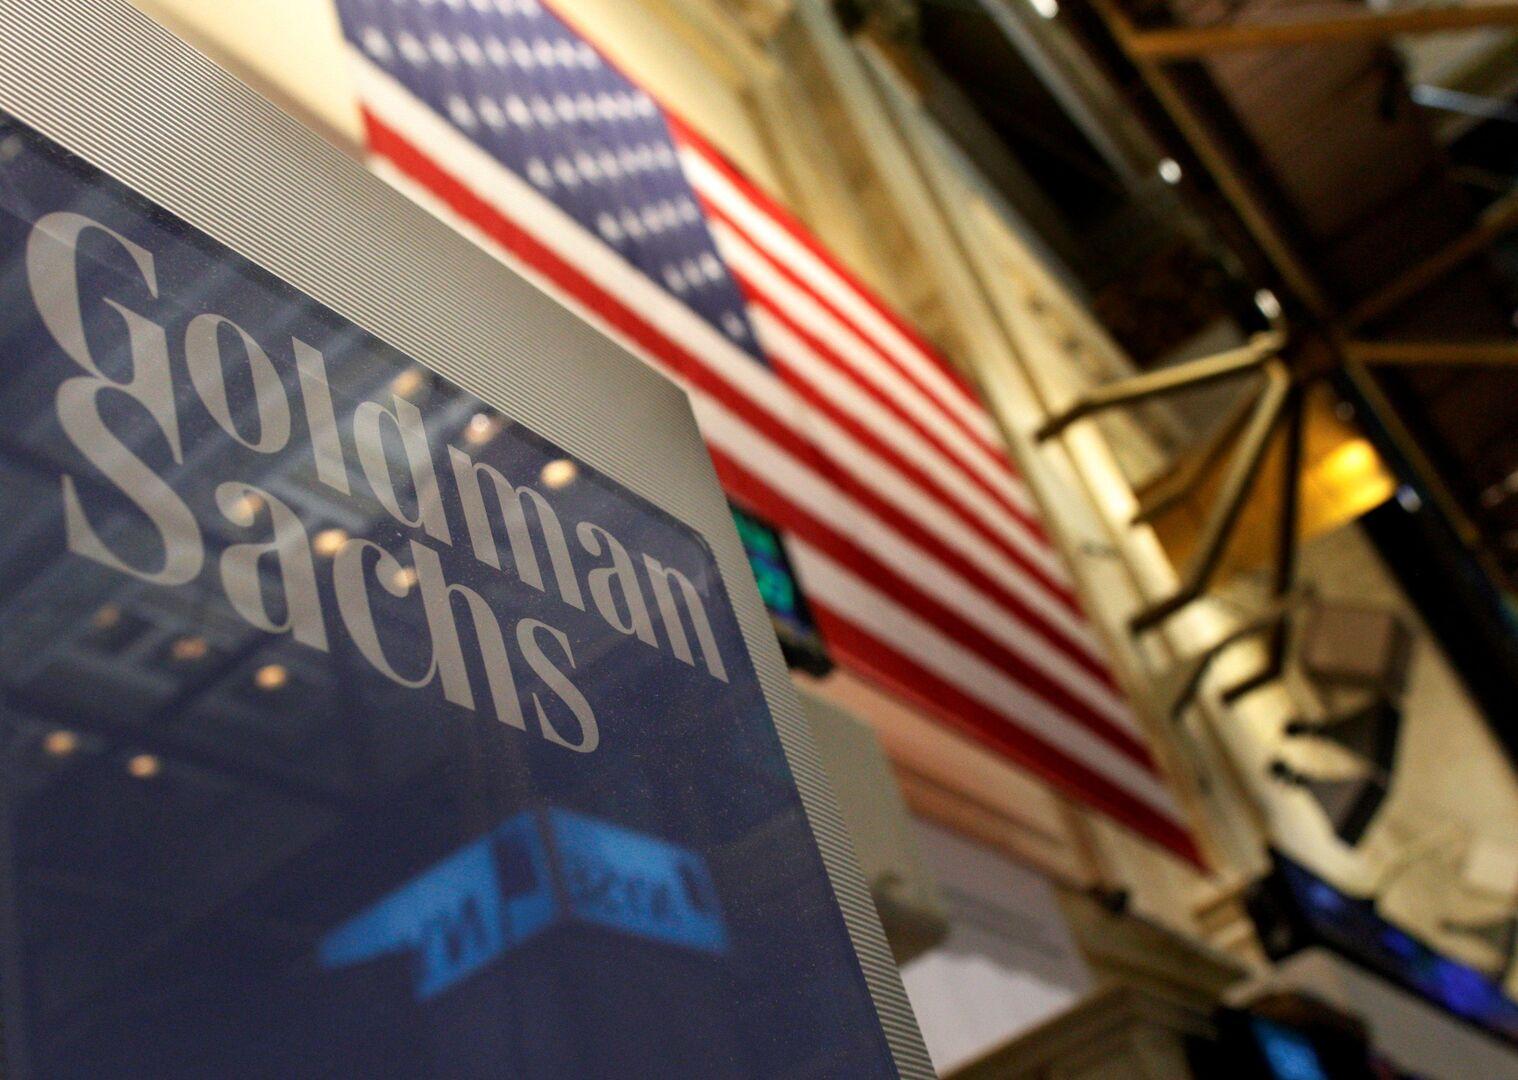 ماليزيا على وشك استعادة مليارات نهبت بمشاركة مصرف أمريكي